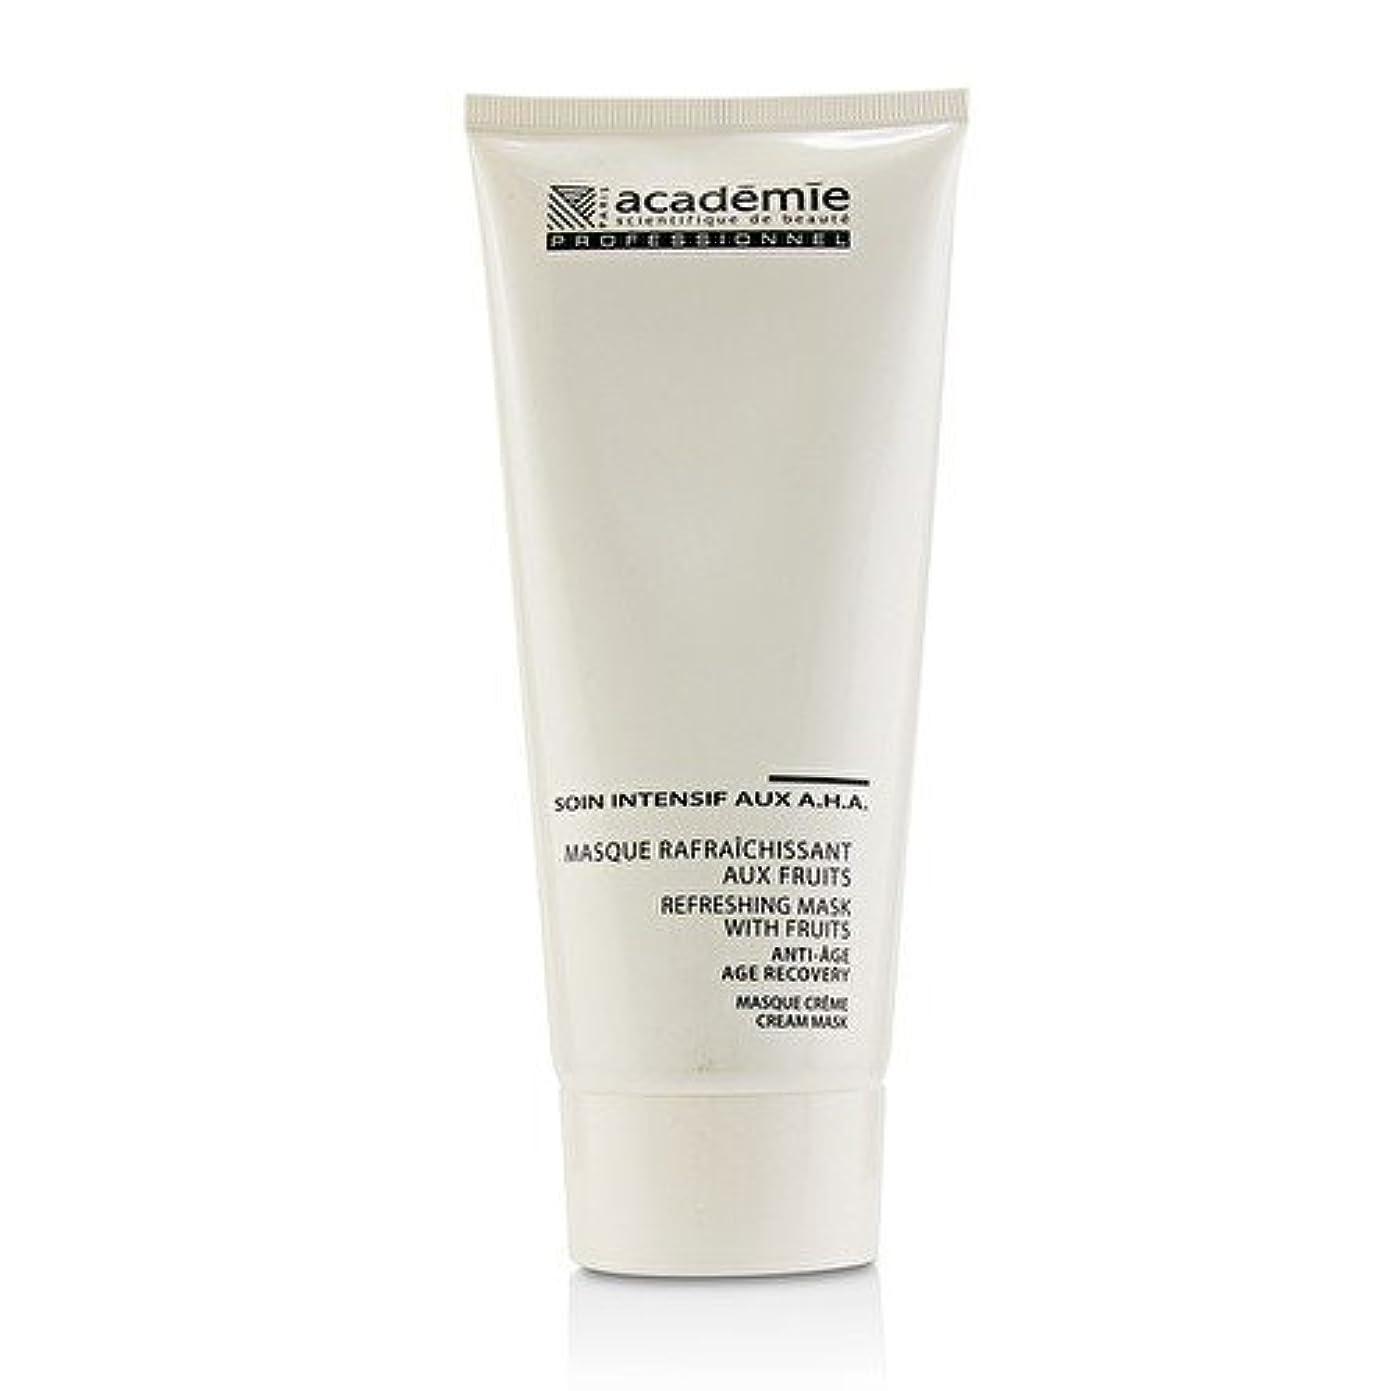 農業の小学生ギャザーアカデミー Refreshing Mask With Fruits Age Recovery Cream Mask (Salon Size) 200ml/6.7oz並行輸入品